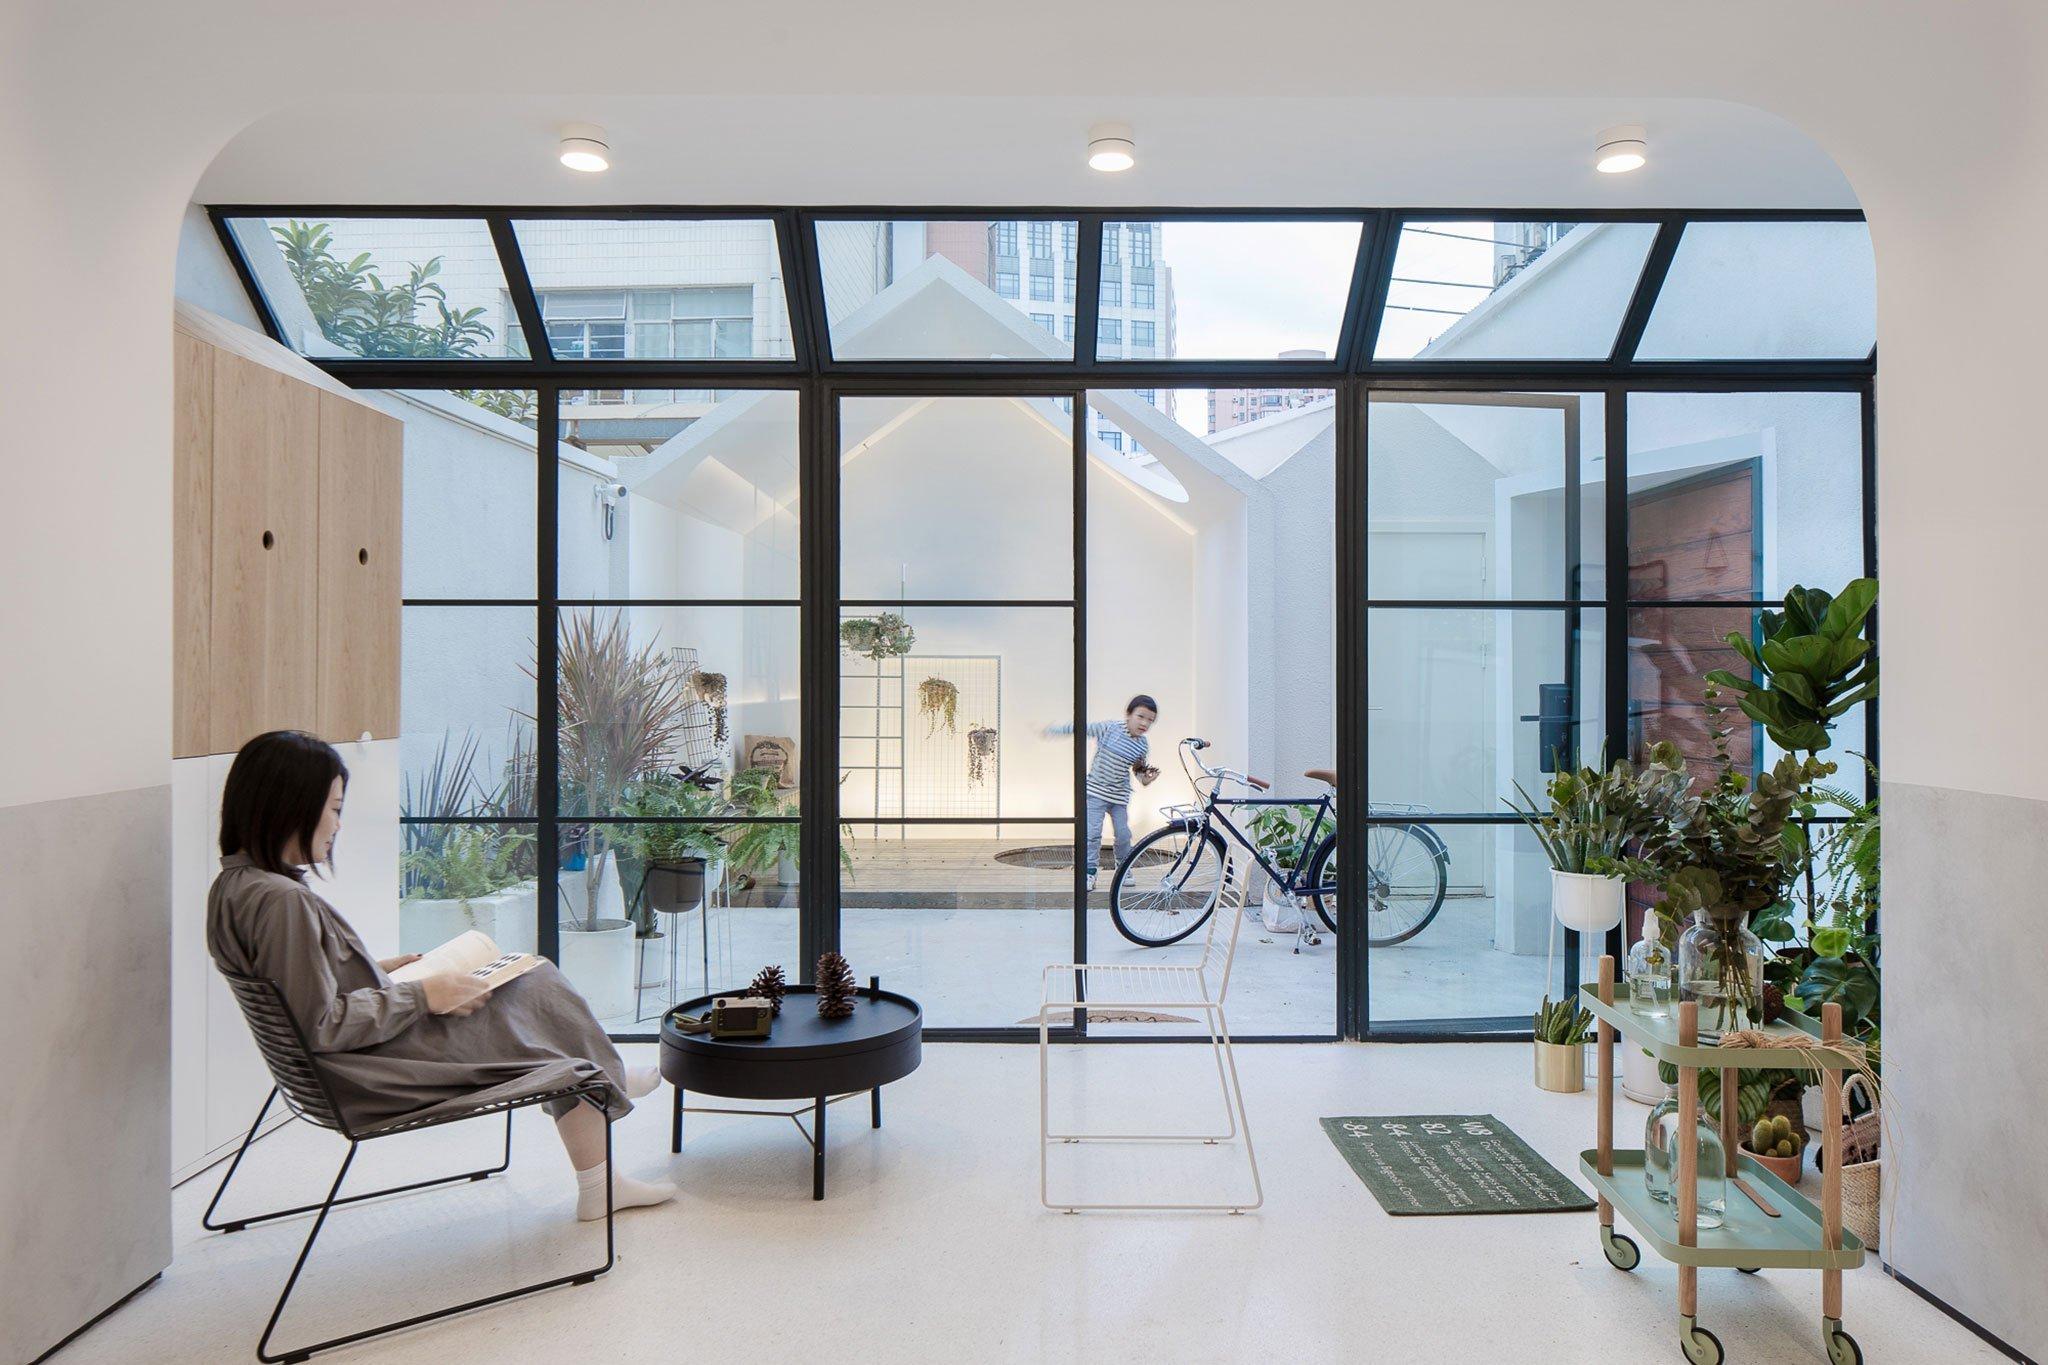 V nejlidnatějším městě Číny žije bezmála 27 milionů obyvatel. Pokud si myslíte, že je téměř nemožné, postavit zde krásný dům, opak je pravdou. Architekti ze studia RIGI Design se zde pustili do rekonstrukce třípatrového domu. Úkolem bylo vytvořit prosvětlený, moderní dům s promyšleným designem a několika hravými prvky. Navíc je zcela originální – díky modulárním prvkům.